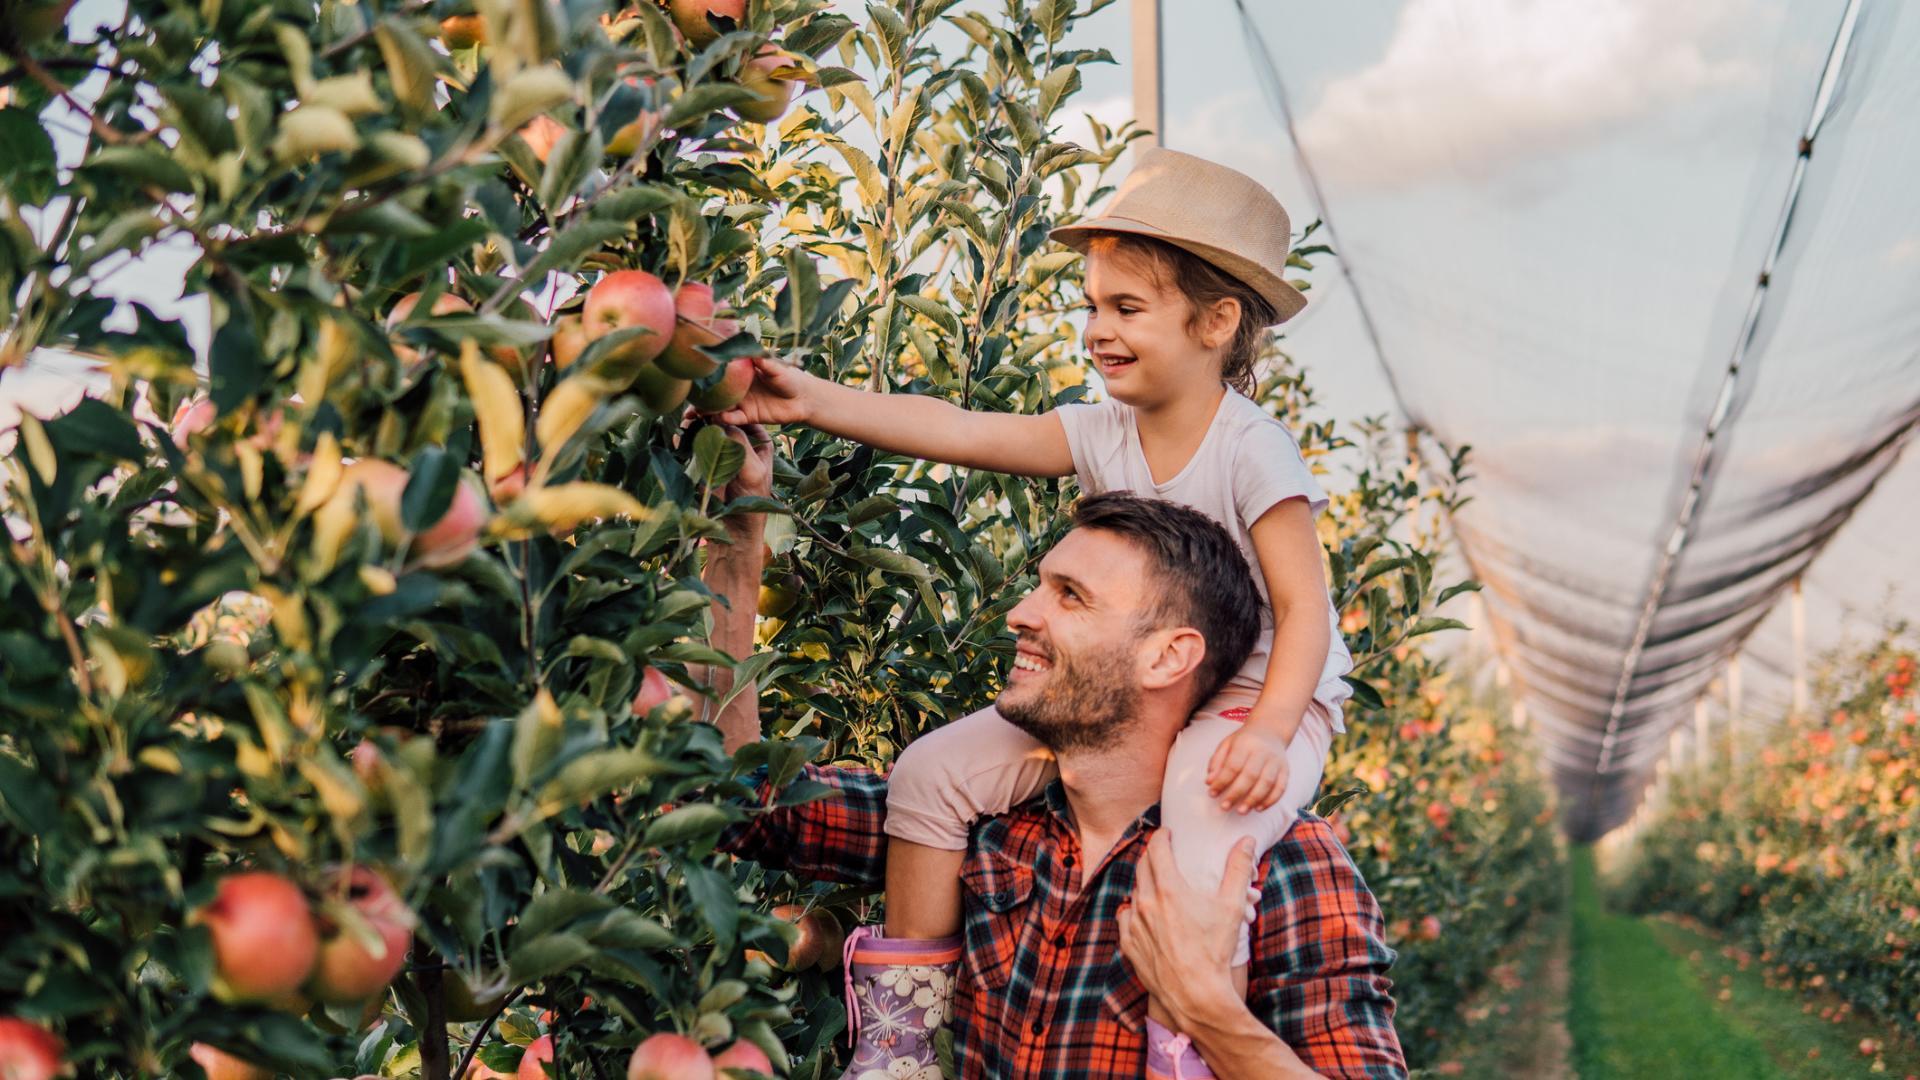 Un père et sa fille cueillent des pommes